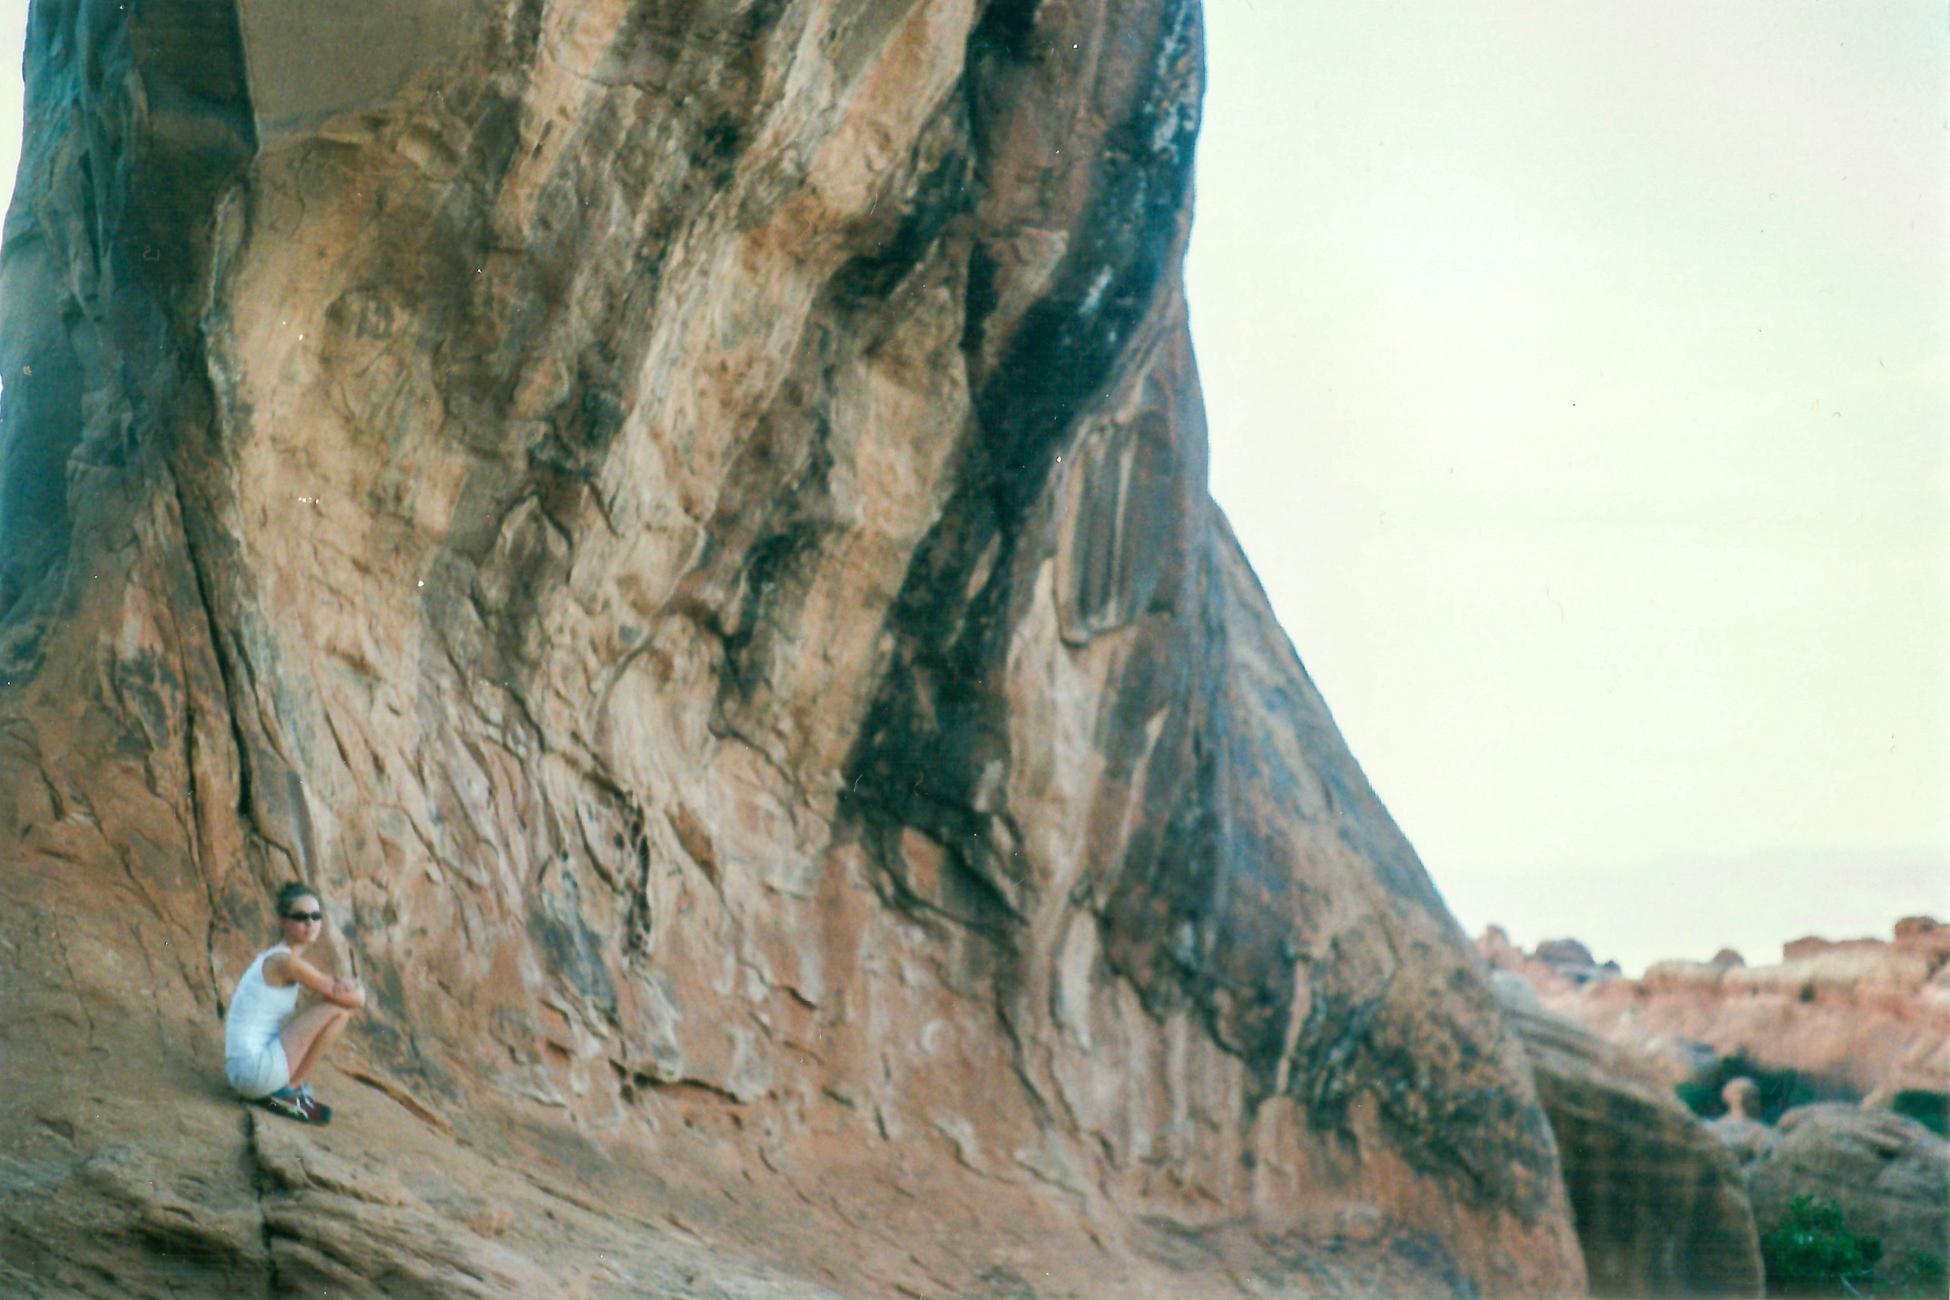 Avi Loren Fox Arches National Park Utah 2005-7.jpg